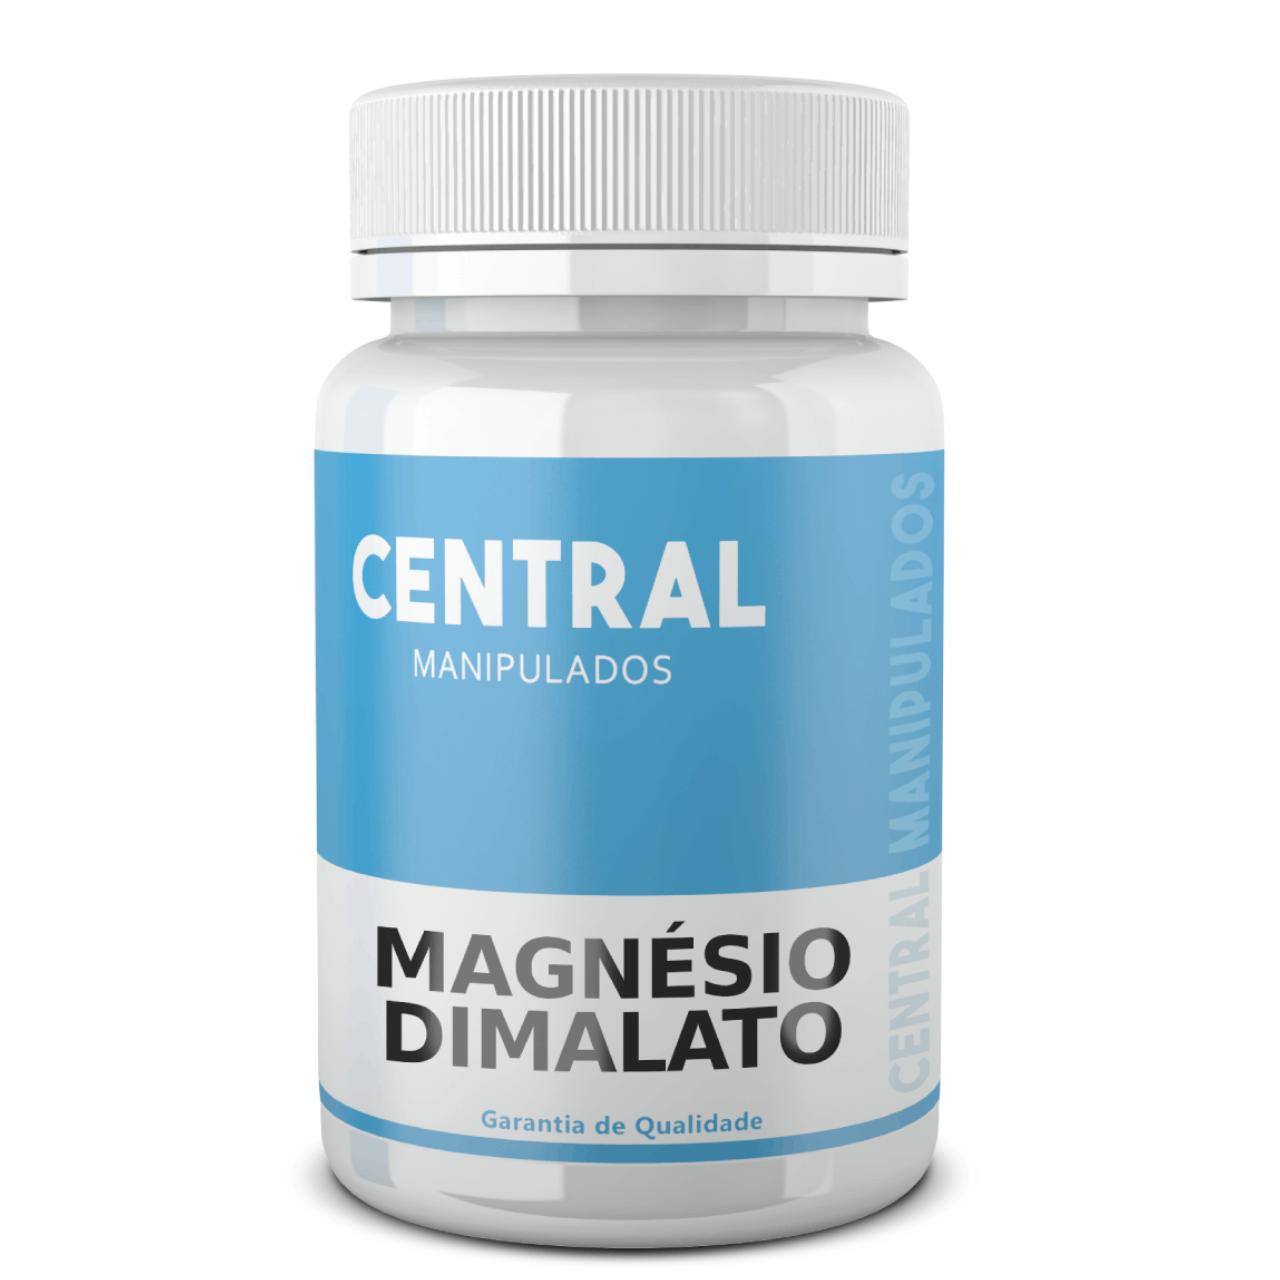 Magnésio dimalato 500mg - 60 cápsulas - Melhora fraqueza muscular, dores e espasmos, rápida recuperação muscular, Coadjuvante na fibromialgia